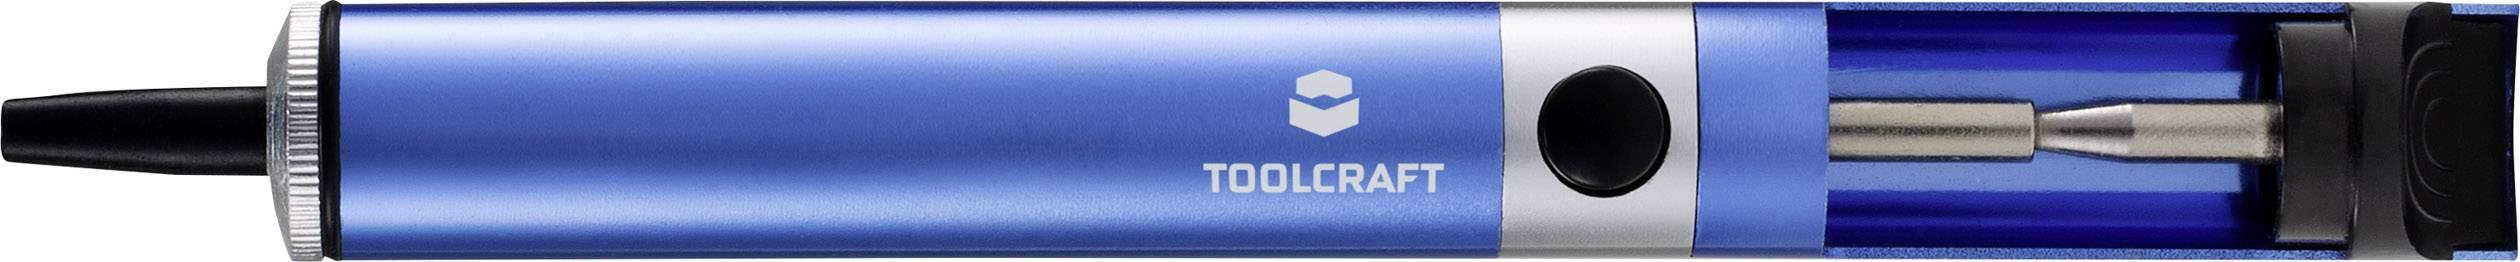 Pompe /à dessouder TOOLCRAFT LEE-192 TO-6589509 antistatique 1 pc s